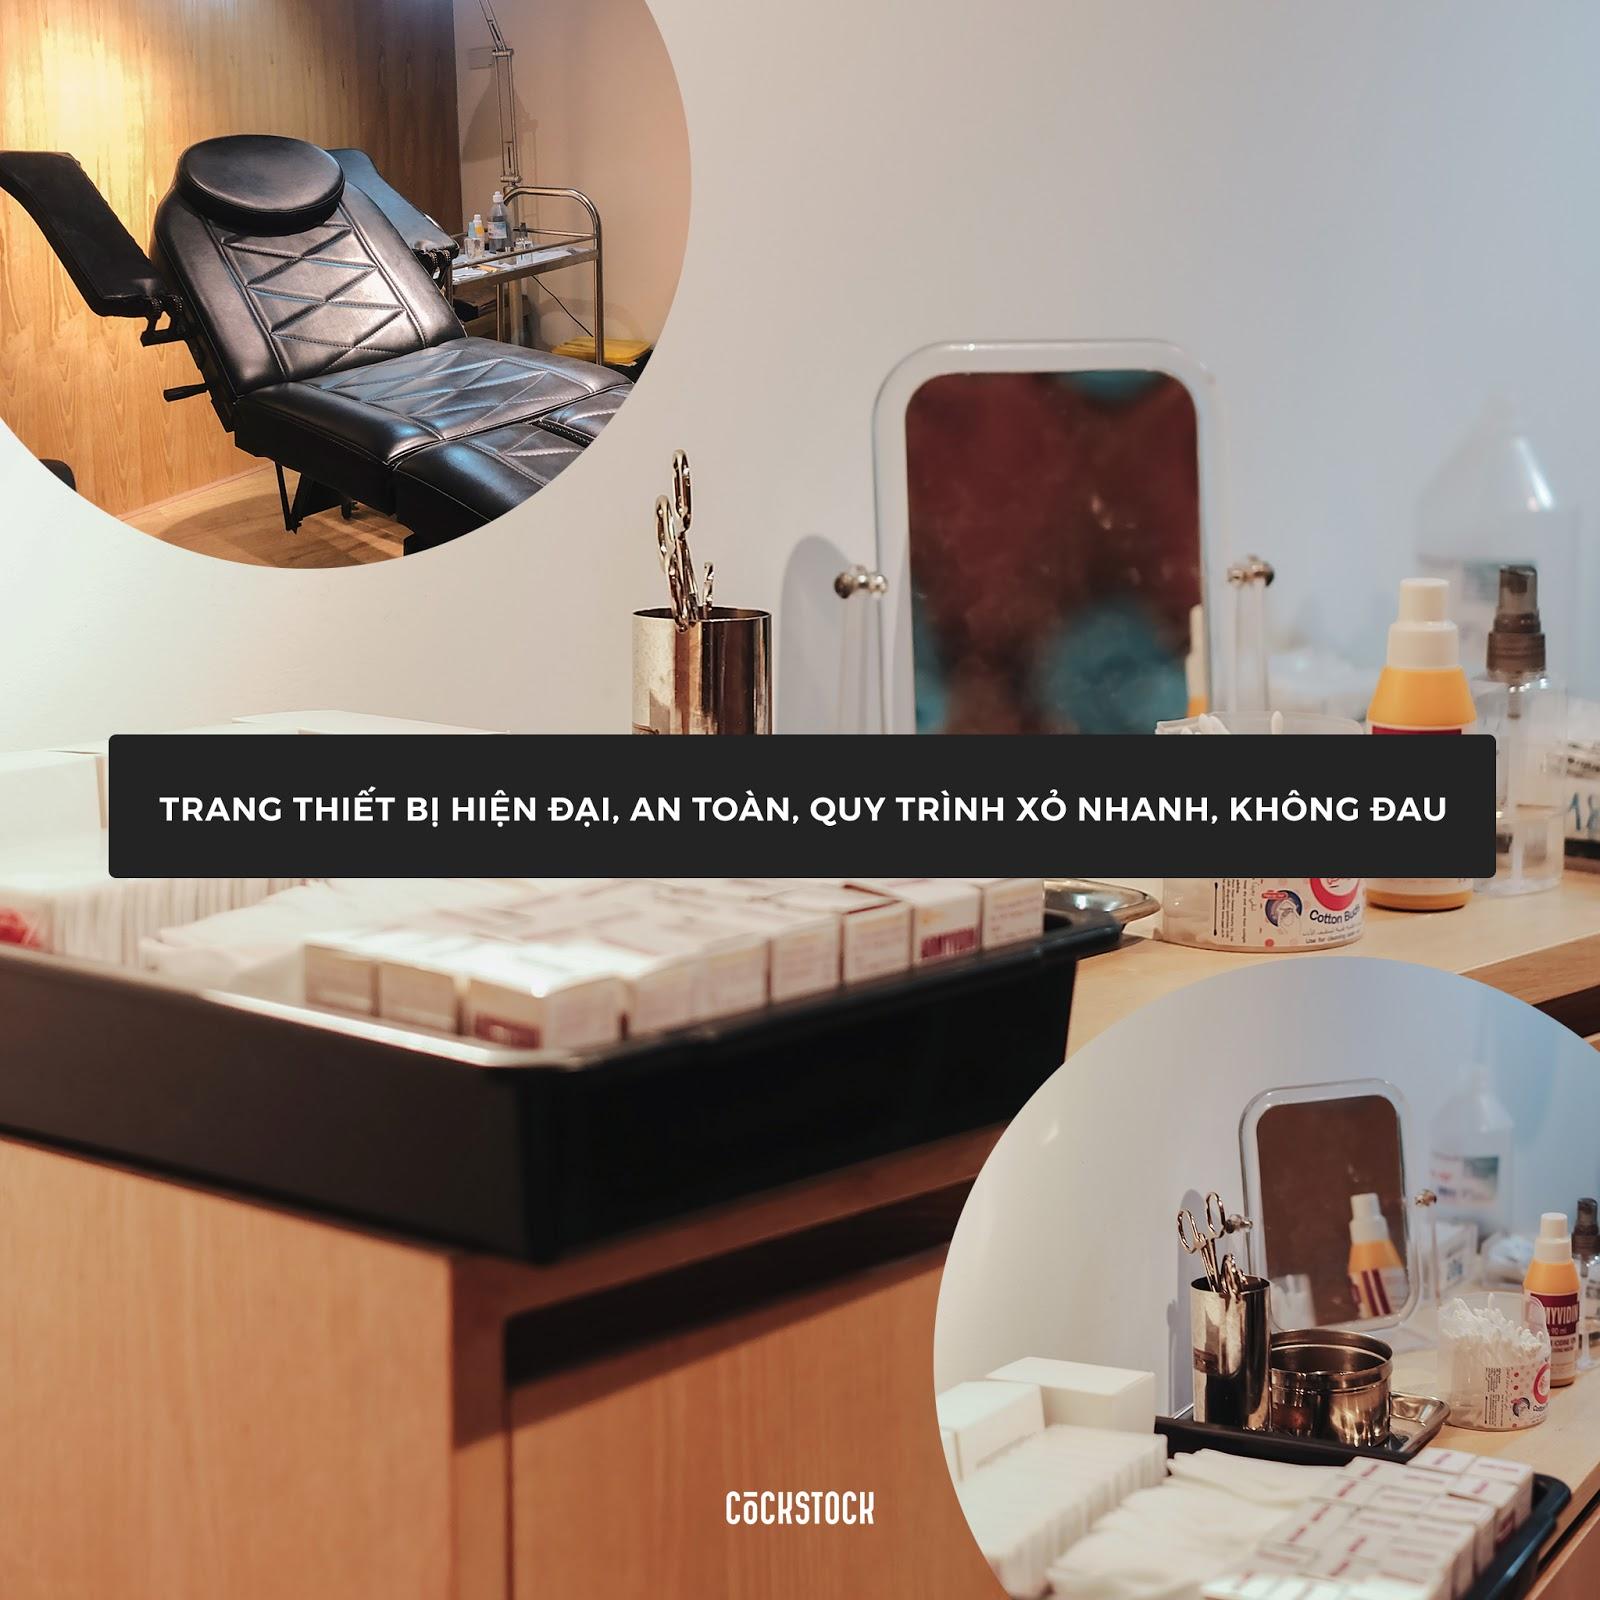 CockStock là địa điểm xỏ khuyên uy tín, an toàn bởi trang tại đây có trang thiết bị hiện đại, y tế, an toàn và quy trình xỏ khuyên chuyên nghiệp, nhanh chóng, không gây đau đớn